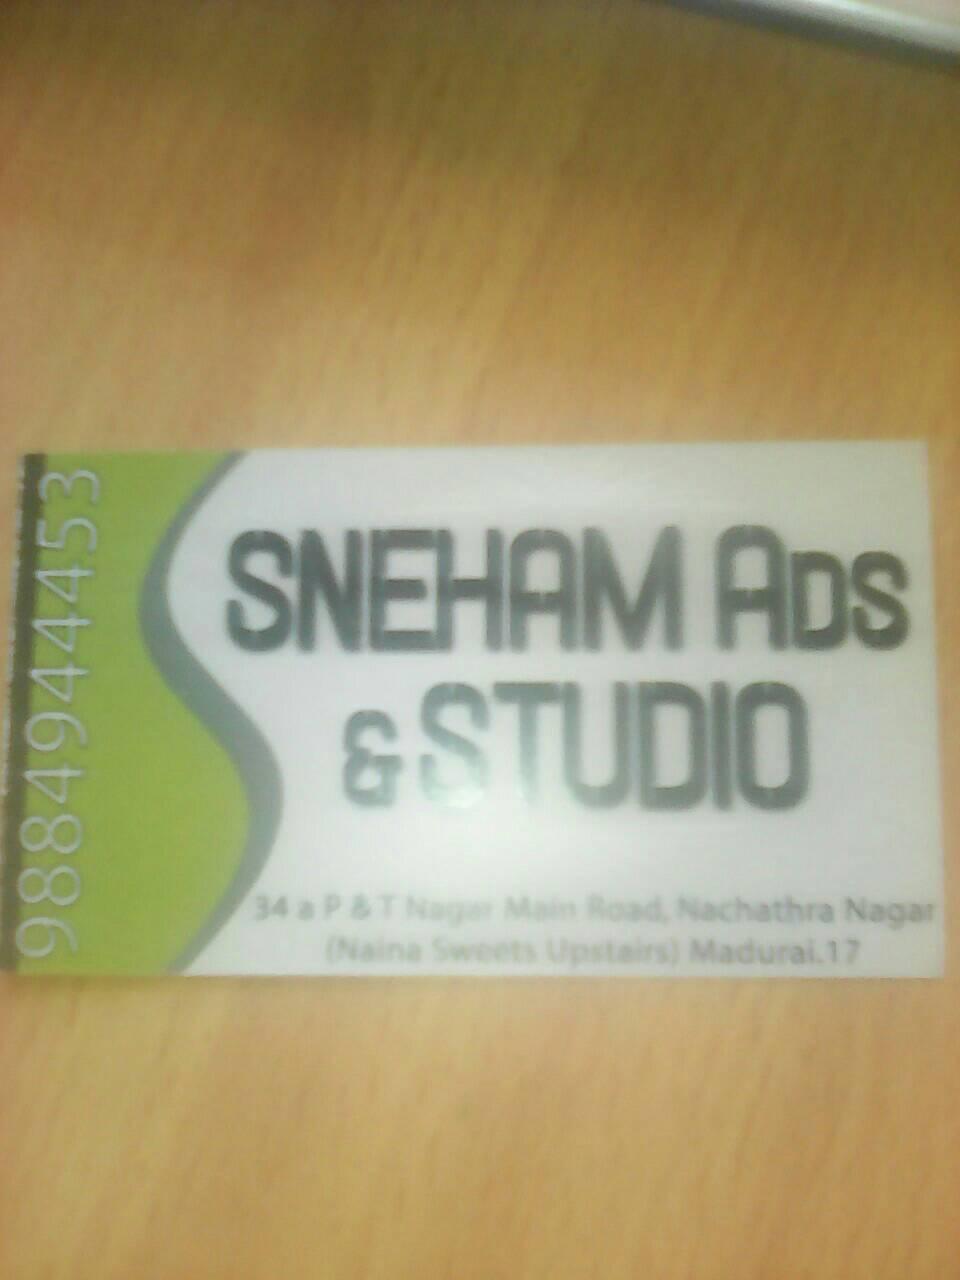 SNEHAM STUDIO